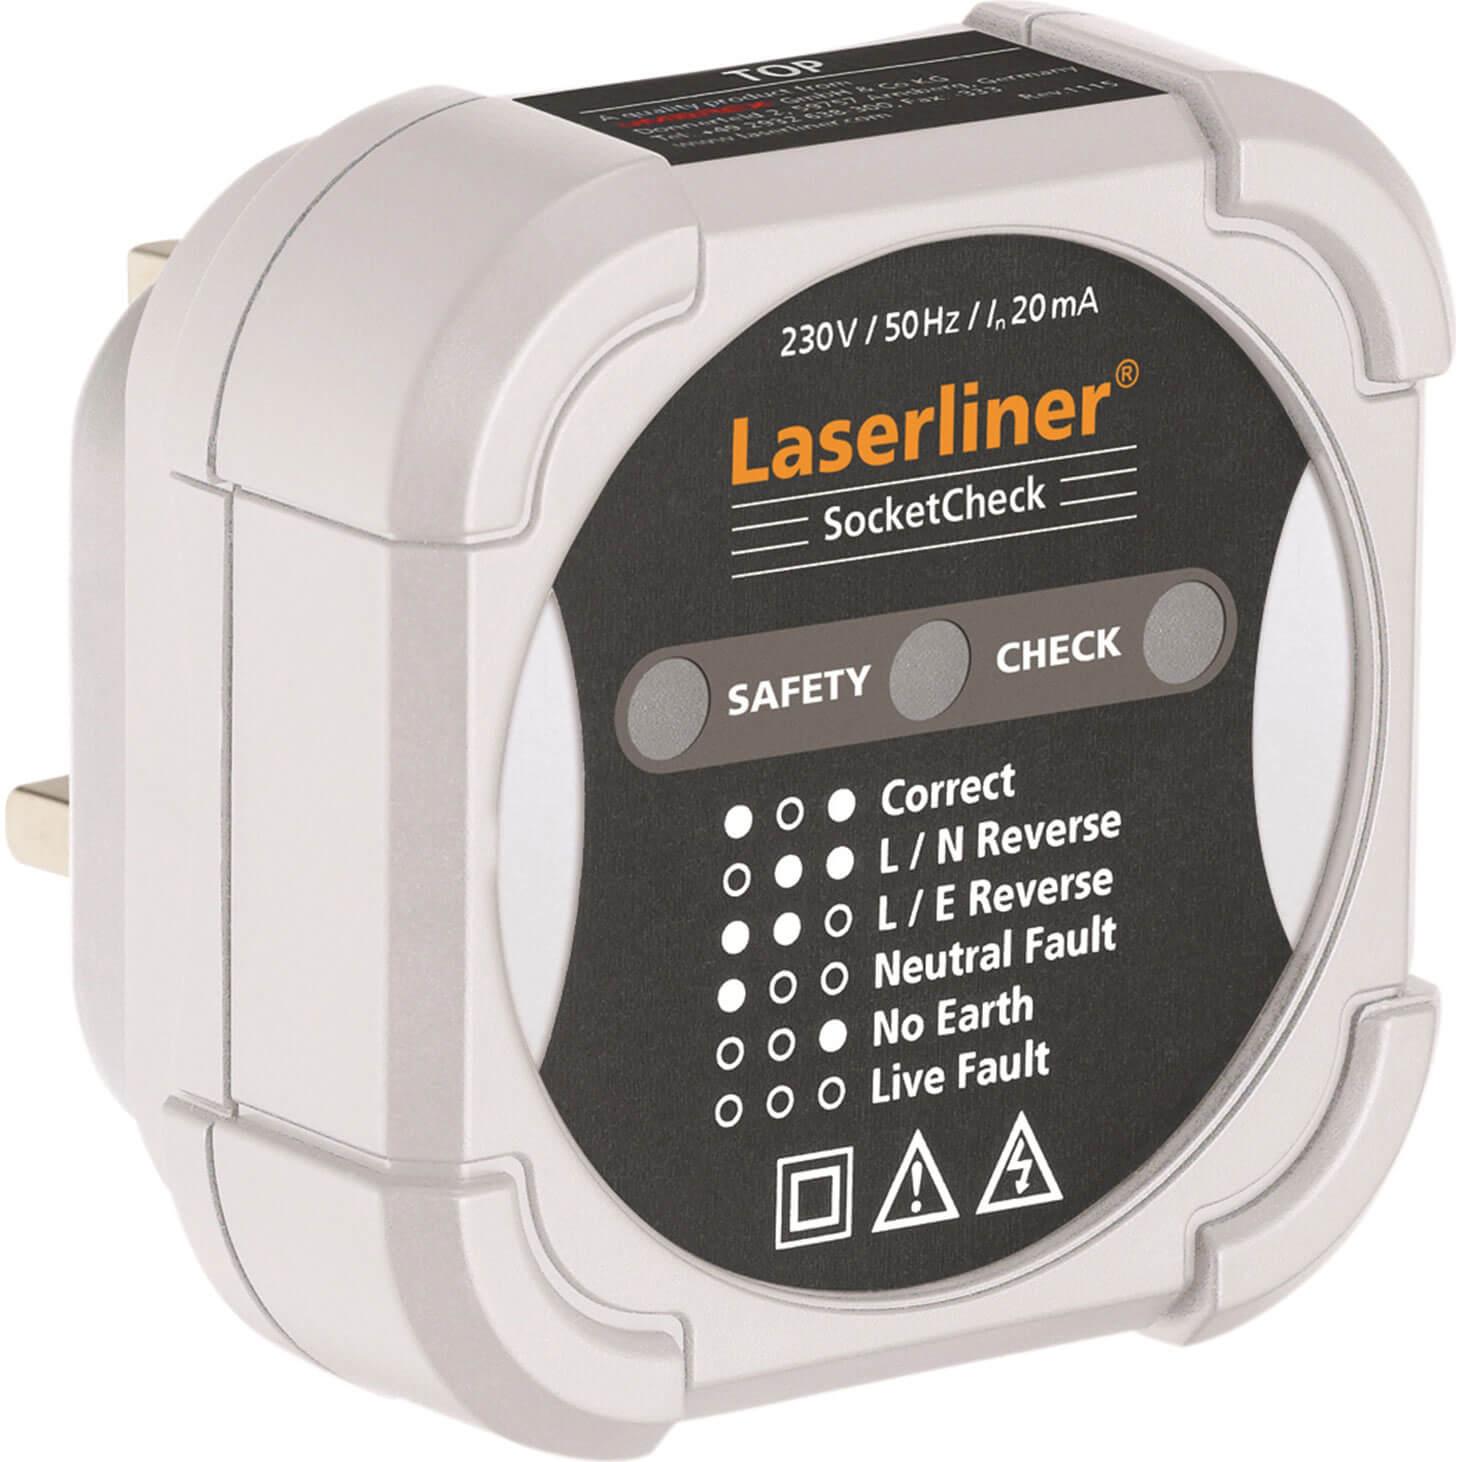 Image of LaserLiner Socket Check Quick Socket Wiring Tester